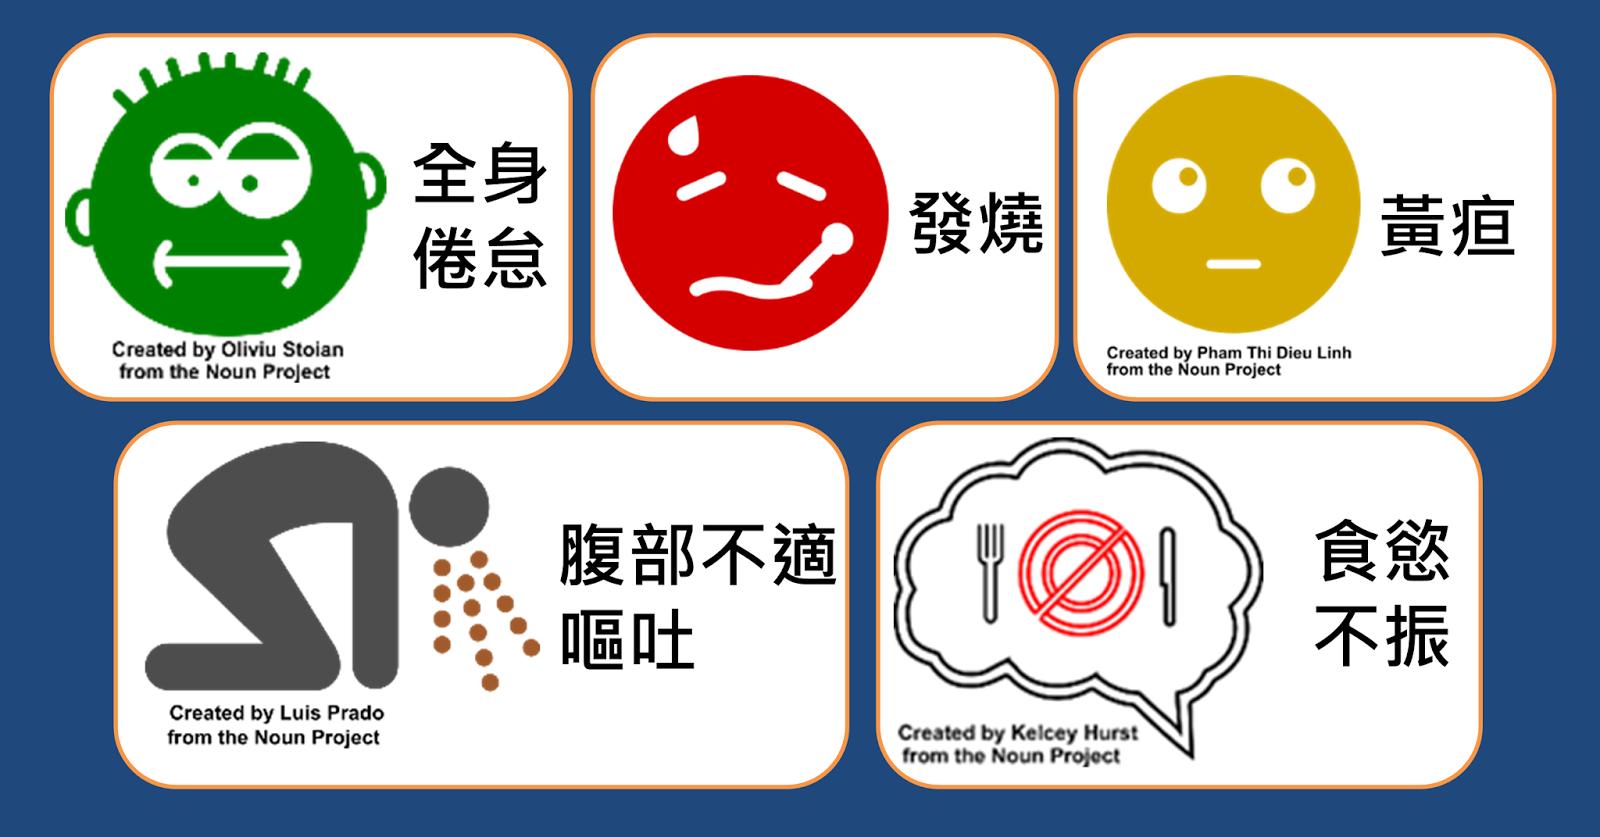 肝炎 | [組圖+影片] 的最新詳盡資料** (必看!!) - www.go2tutor.com